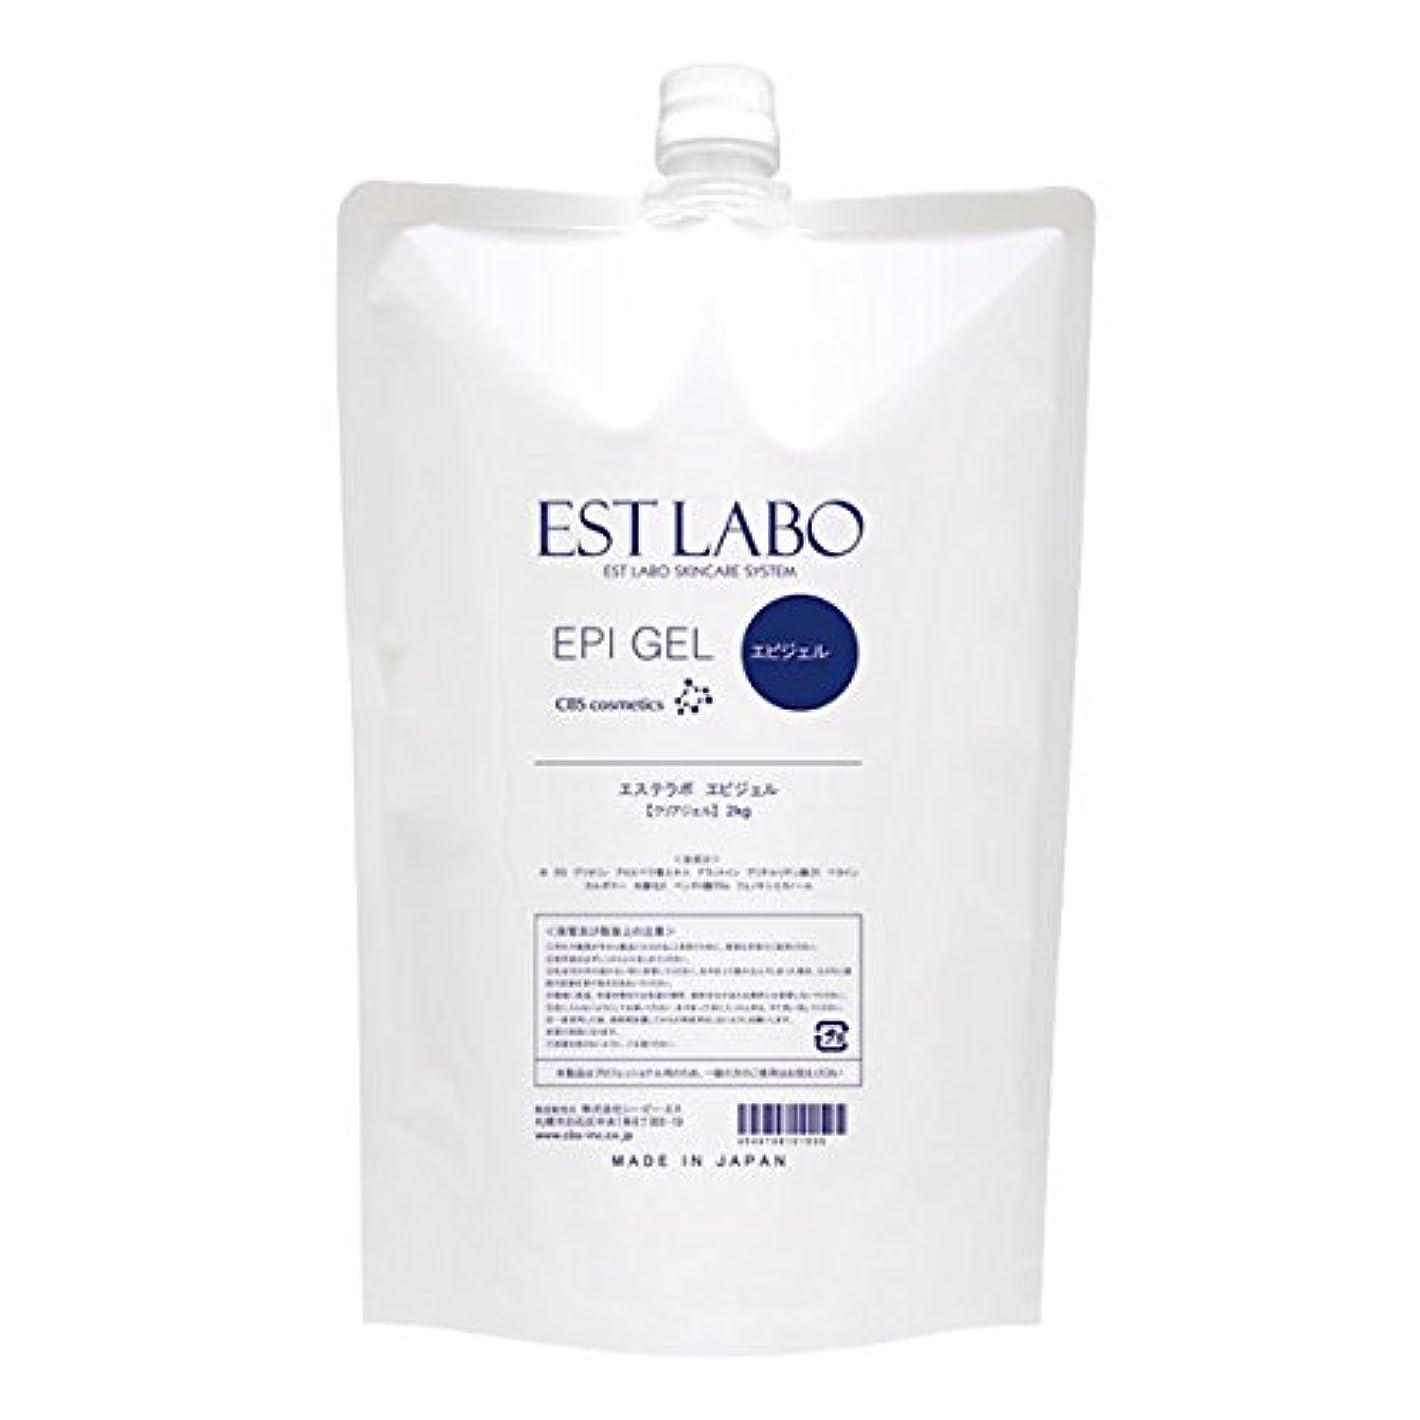 ブラインドところでマーチャンダイジング脱毛 EST LABO エピジェル(1袋?2kg)×2 合計2袋?4kg 業務用